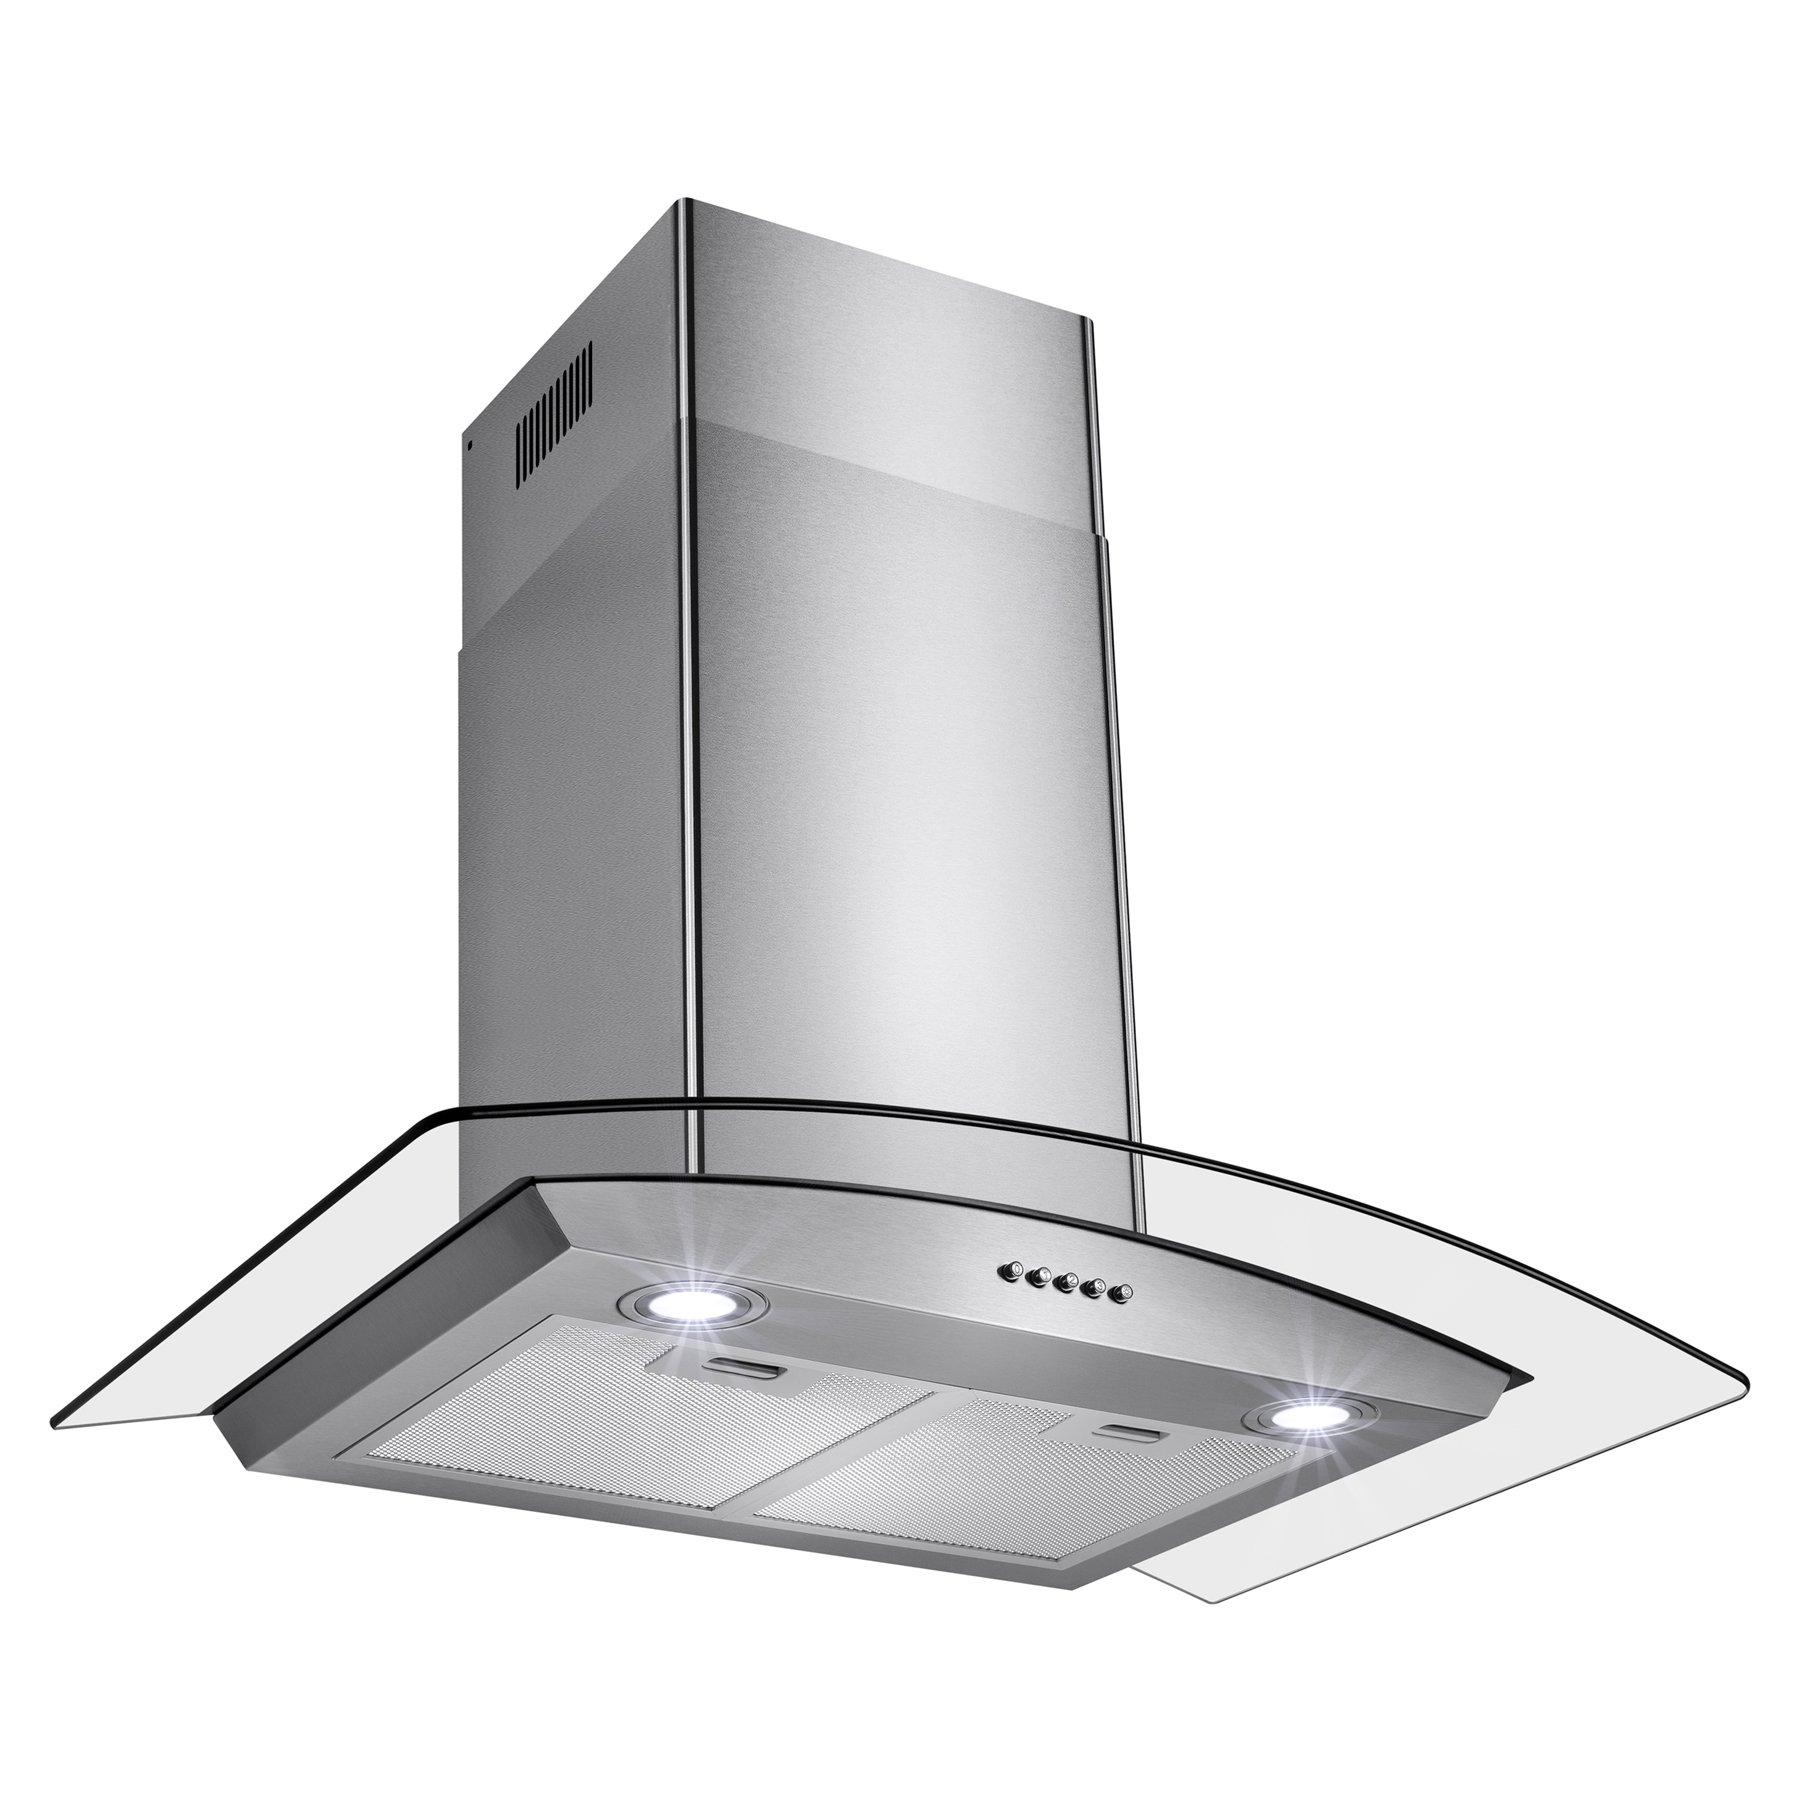 kitchen exhaust fan amazon com rh amazon com kitchen ceiling exhaust fan home depot kitchen ceiling exhaust fan lowes